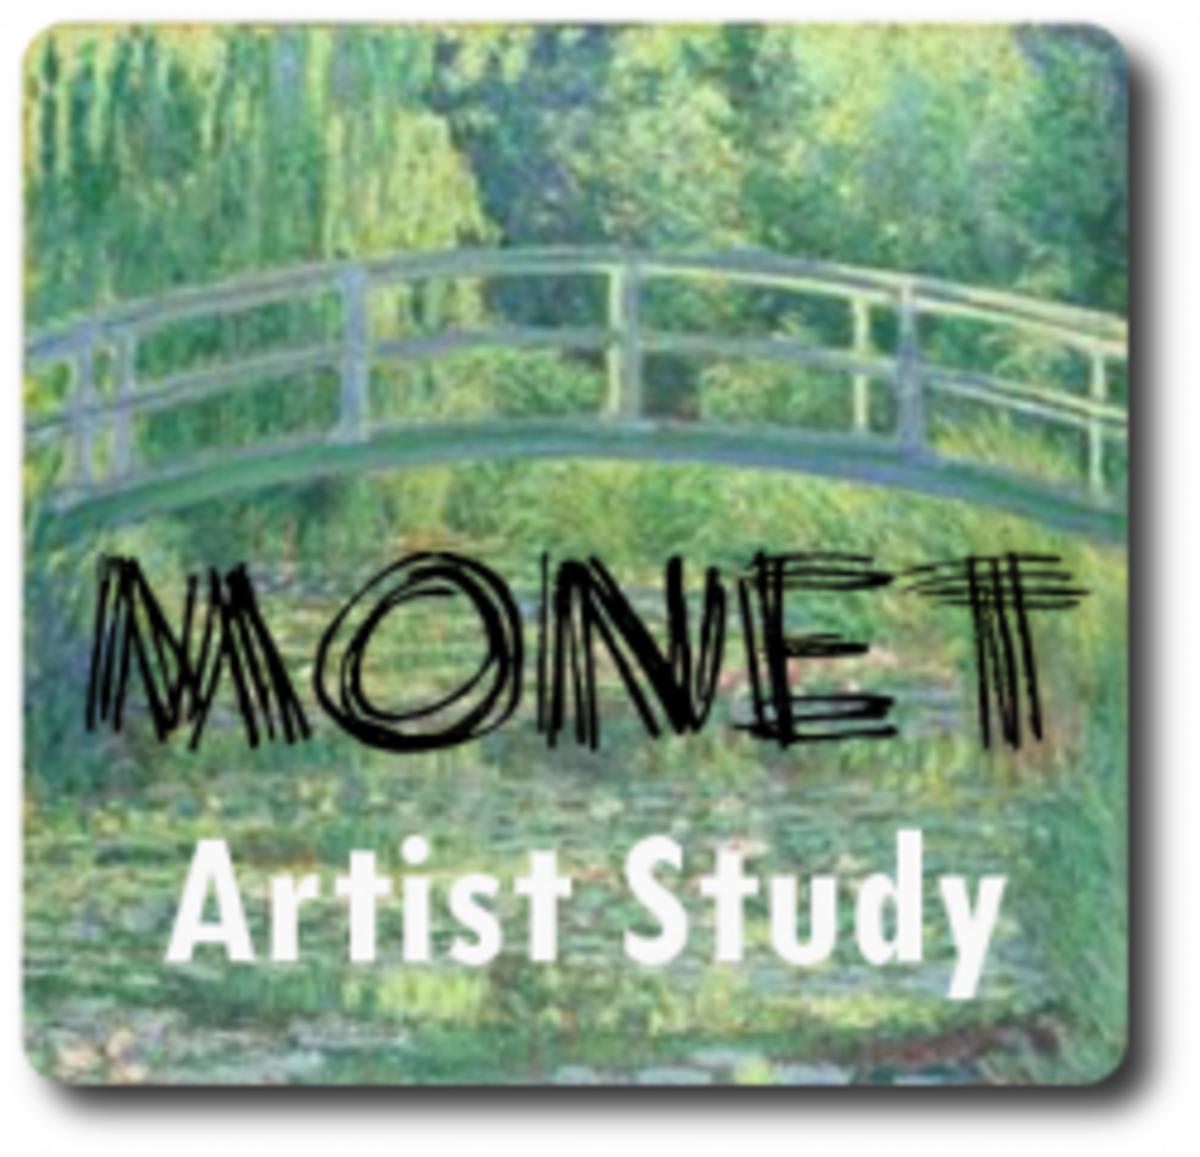 Monet Artist Study